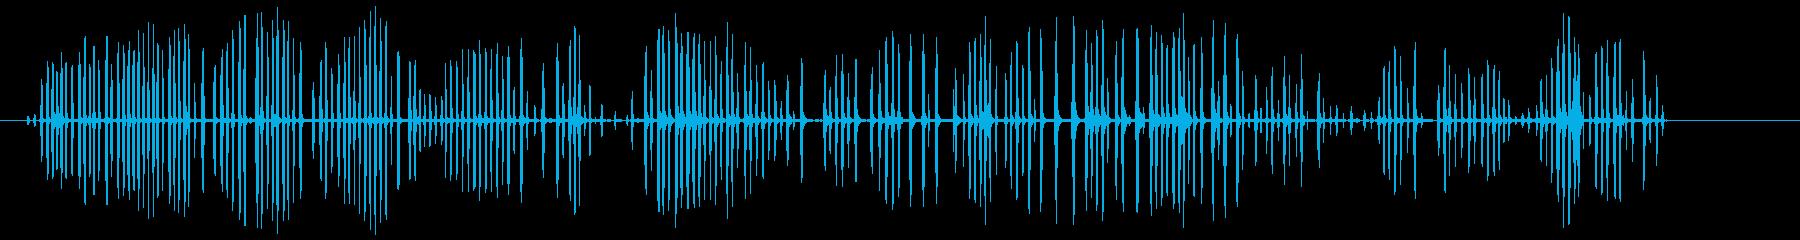 シマリスのおしゃべり。高音の安定し...の再生済みの波形